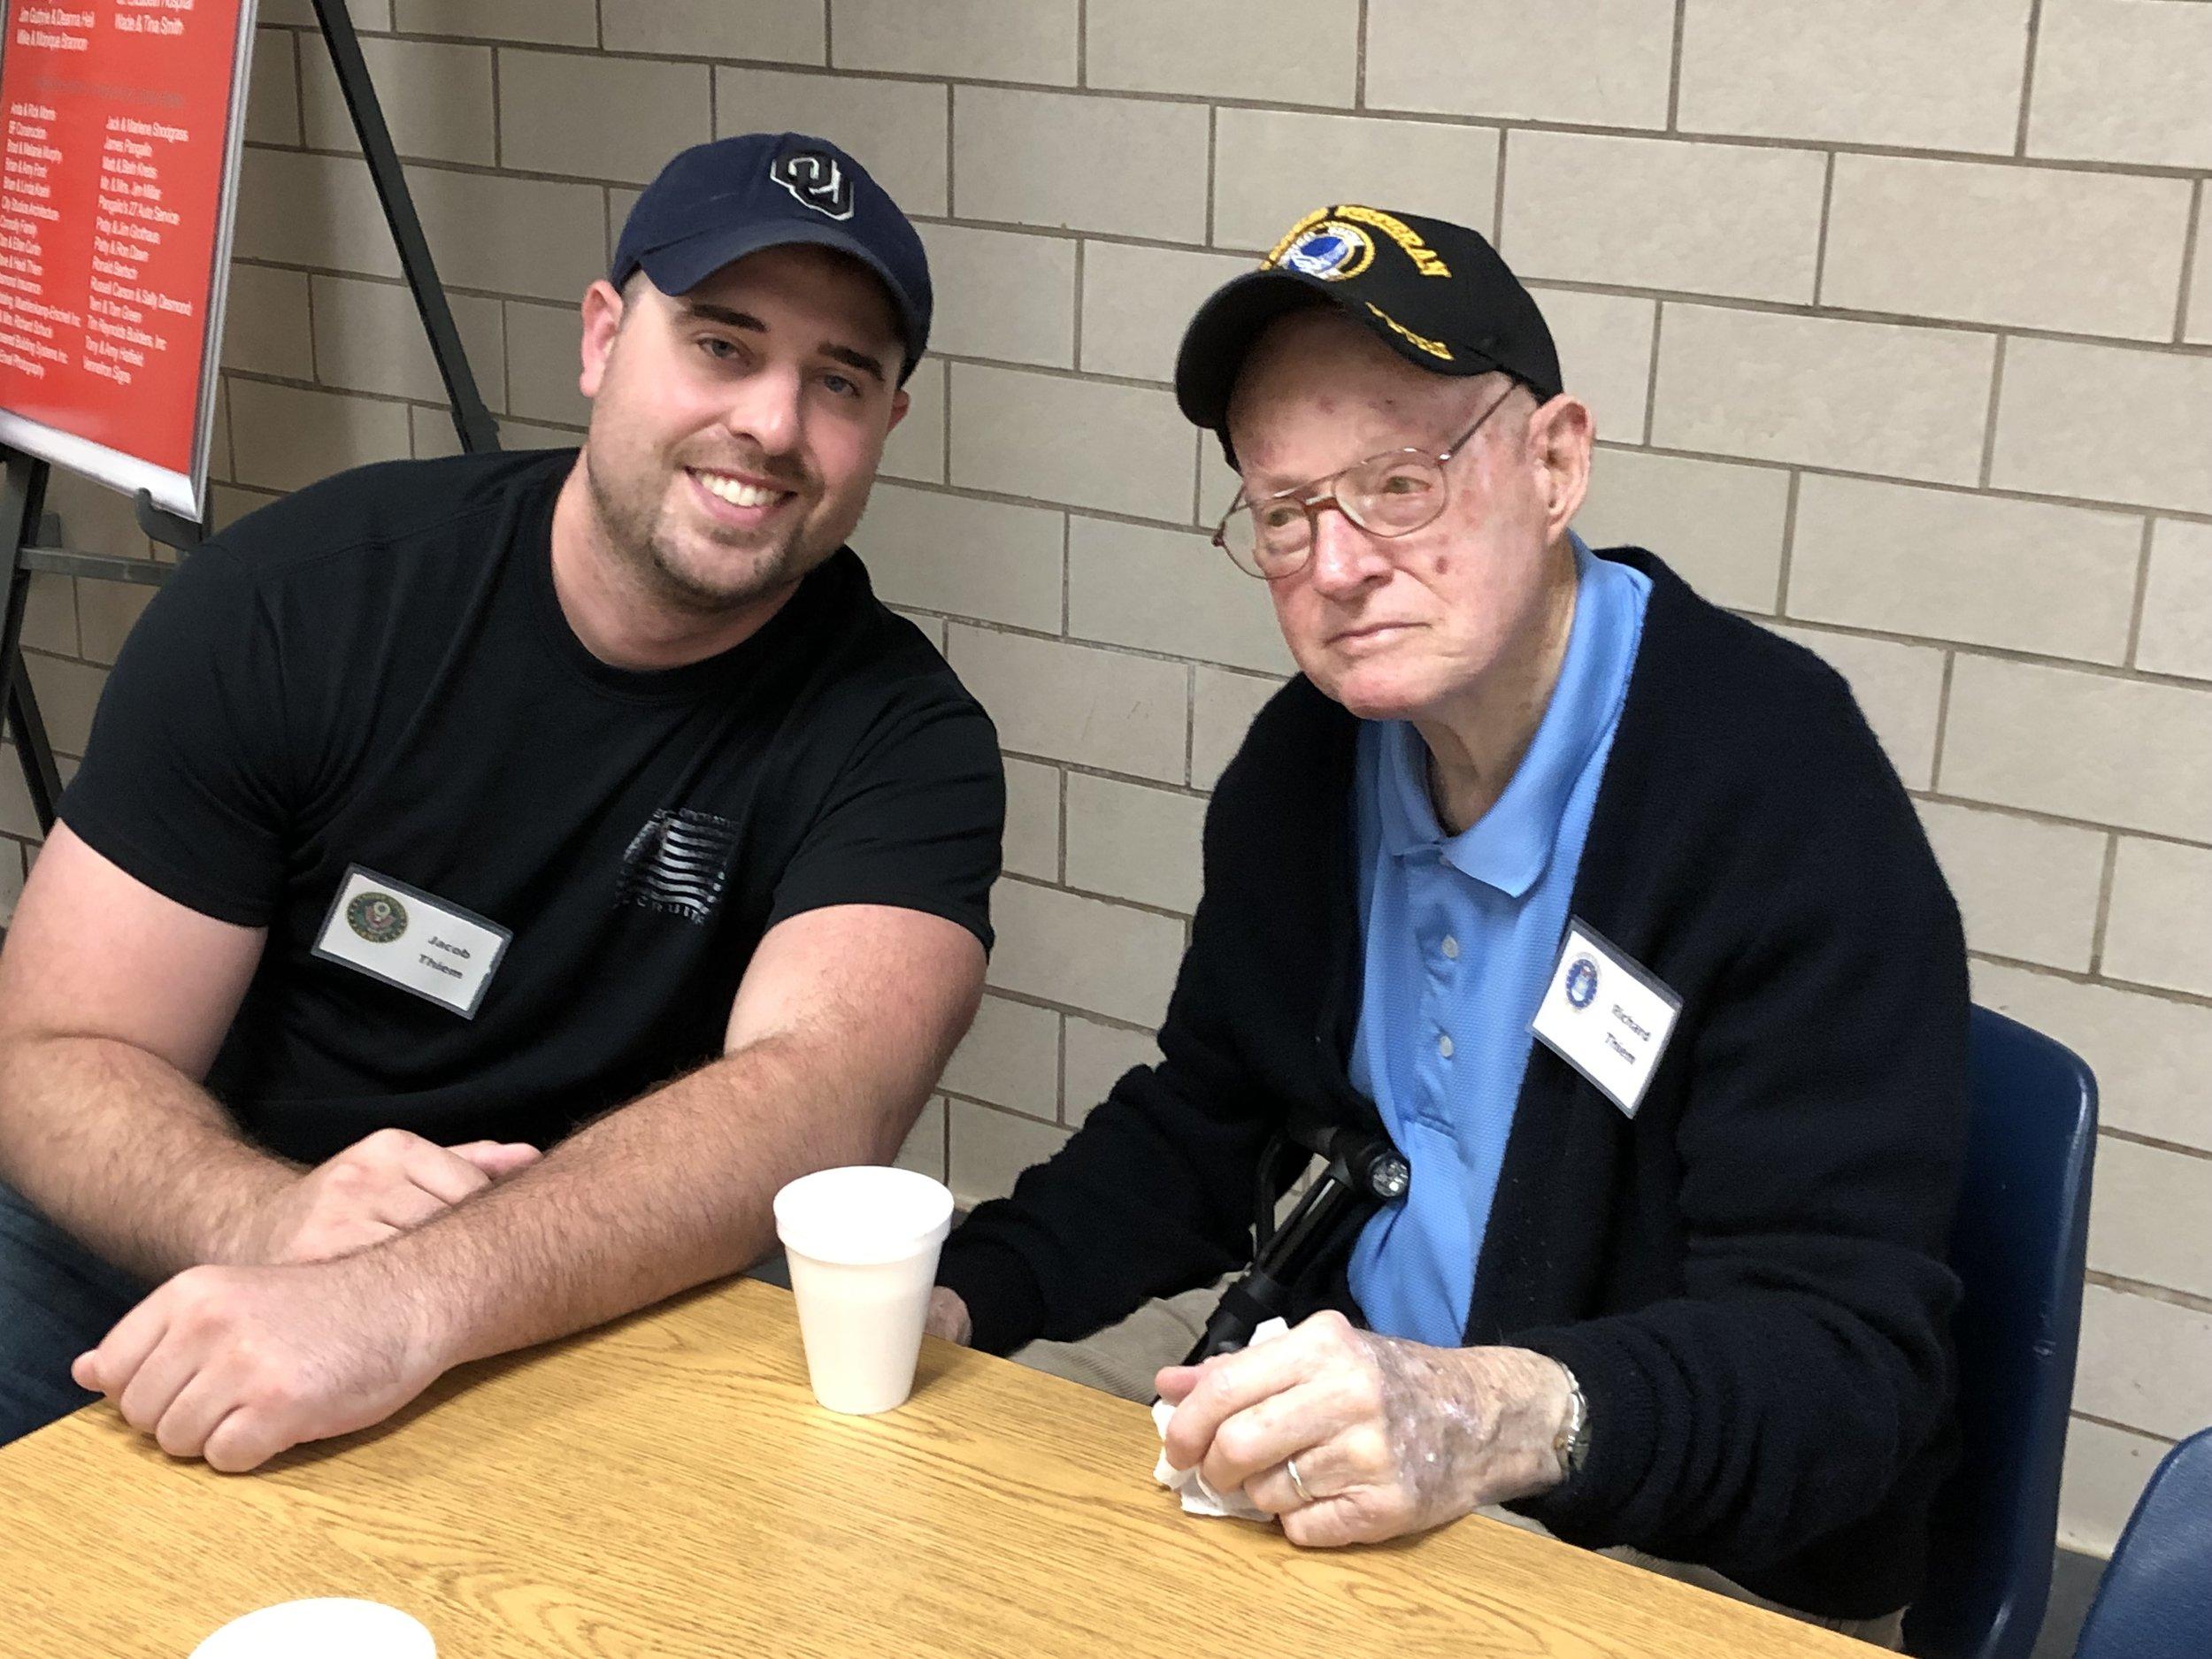 veterans5.jpg